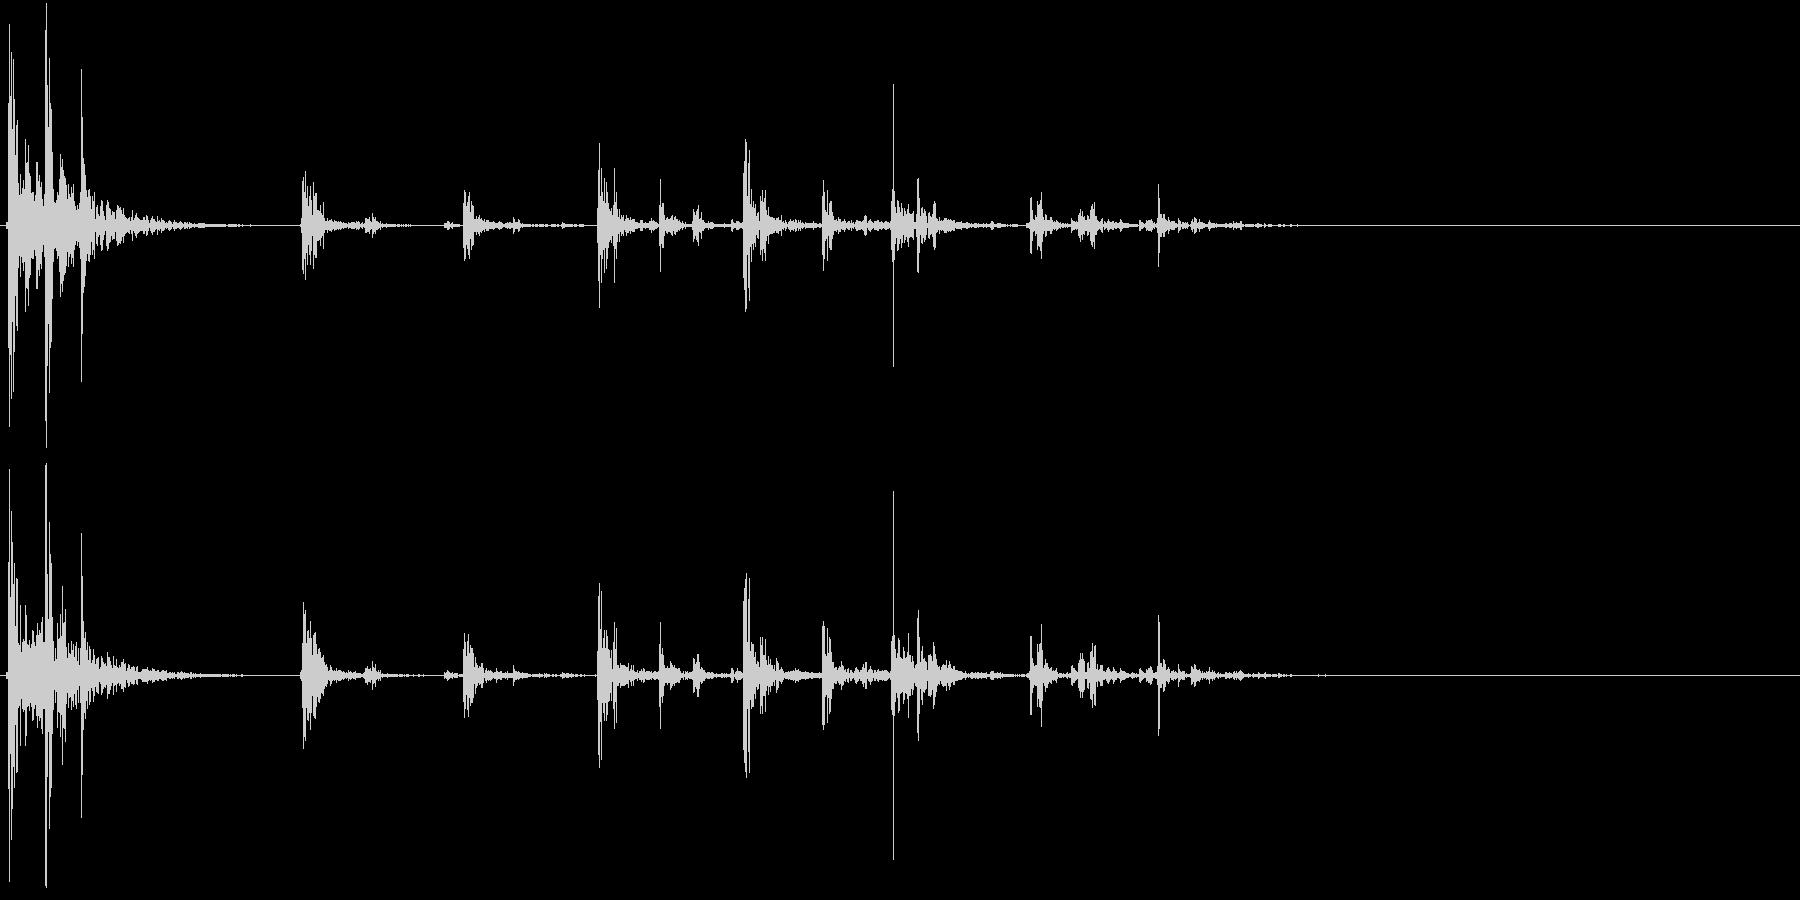 【生録音】プラスチックの容器が転がる 4の未再生の波形